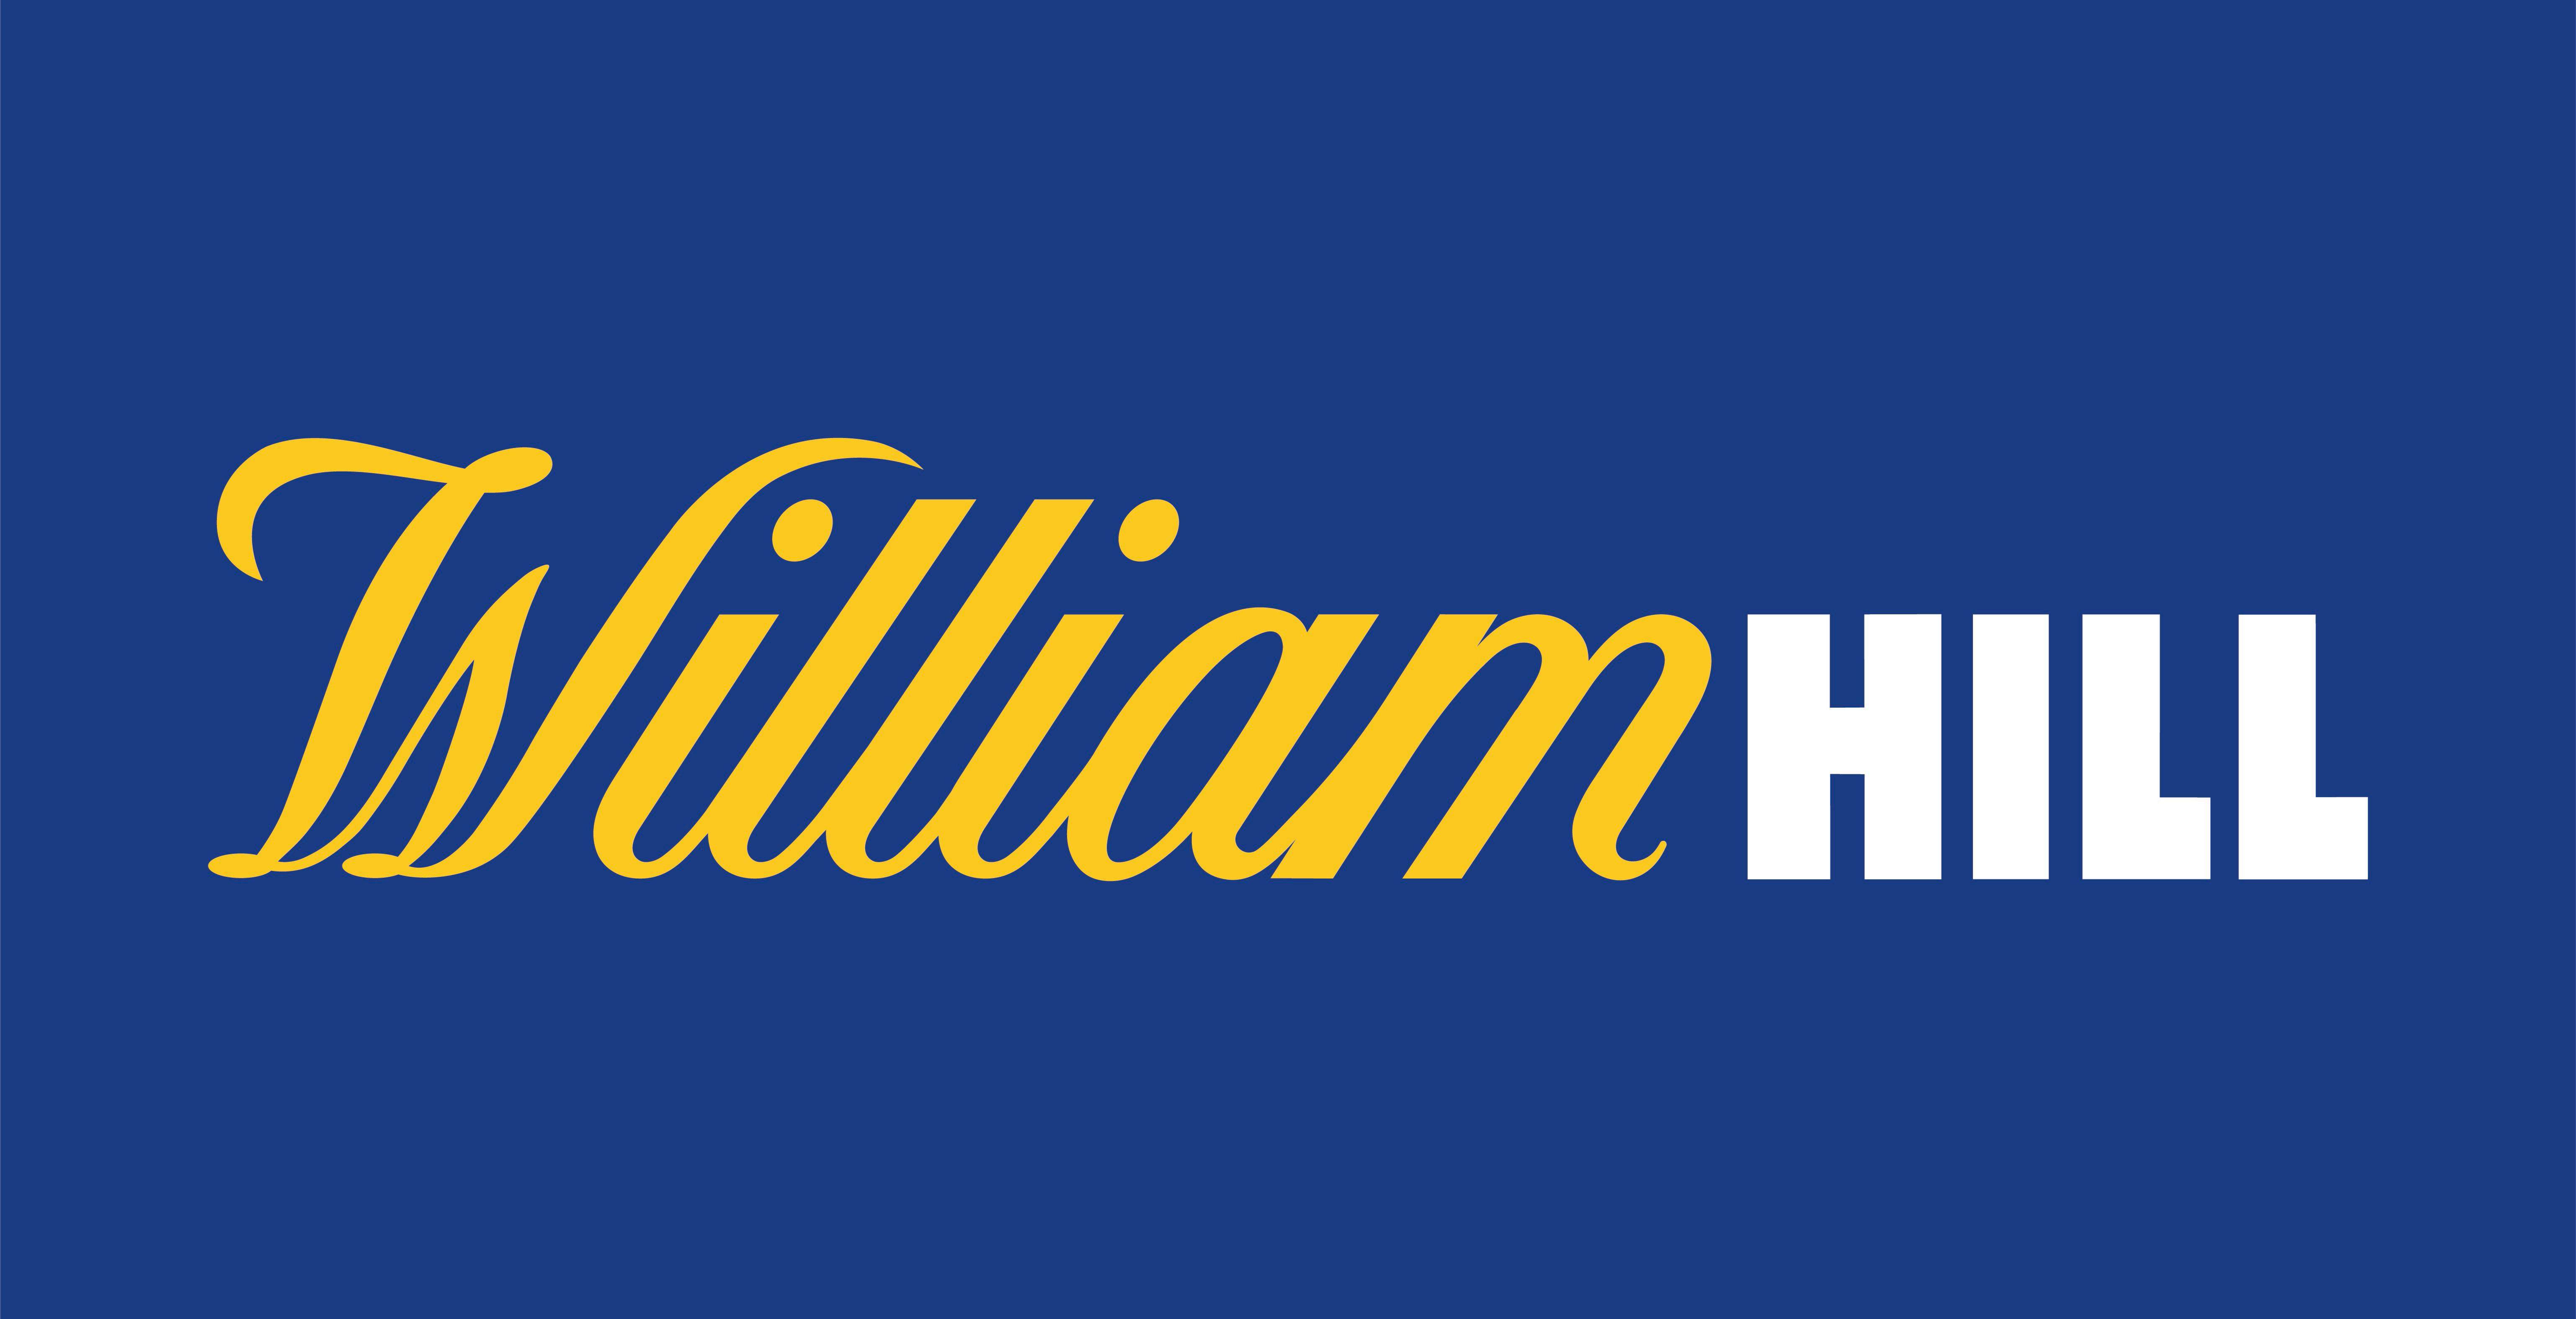 официальный сайт вильям хилл русская версия